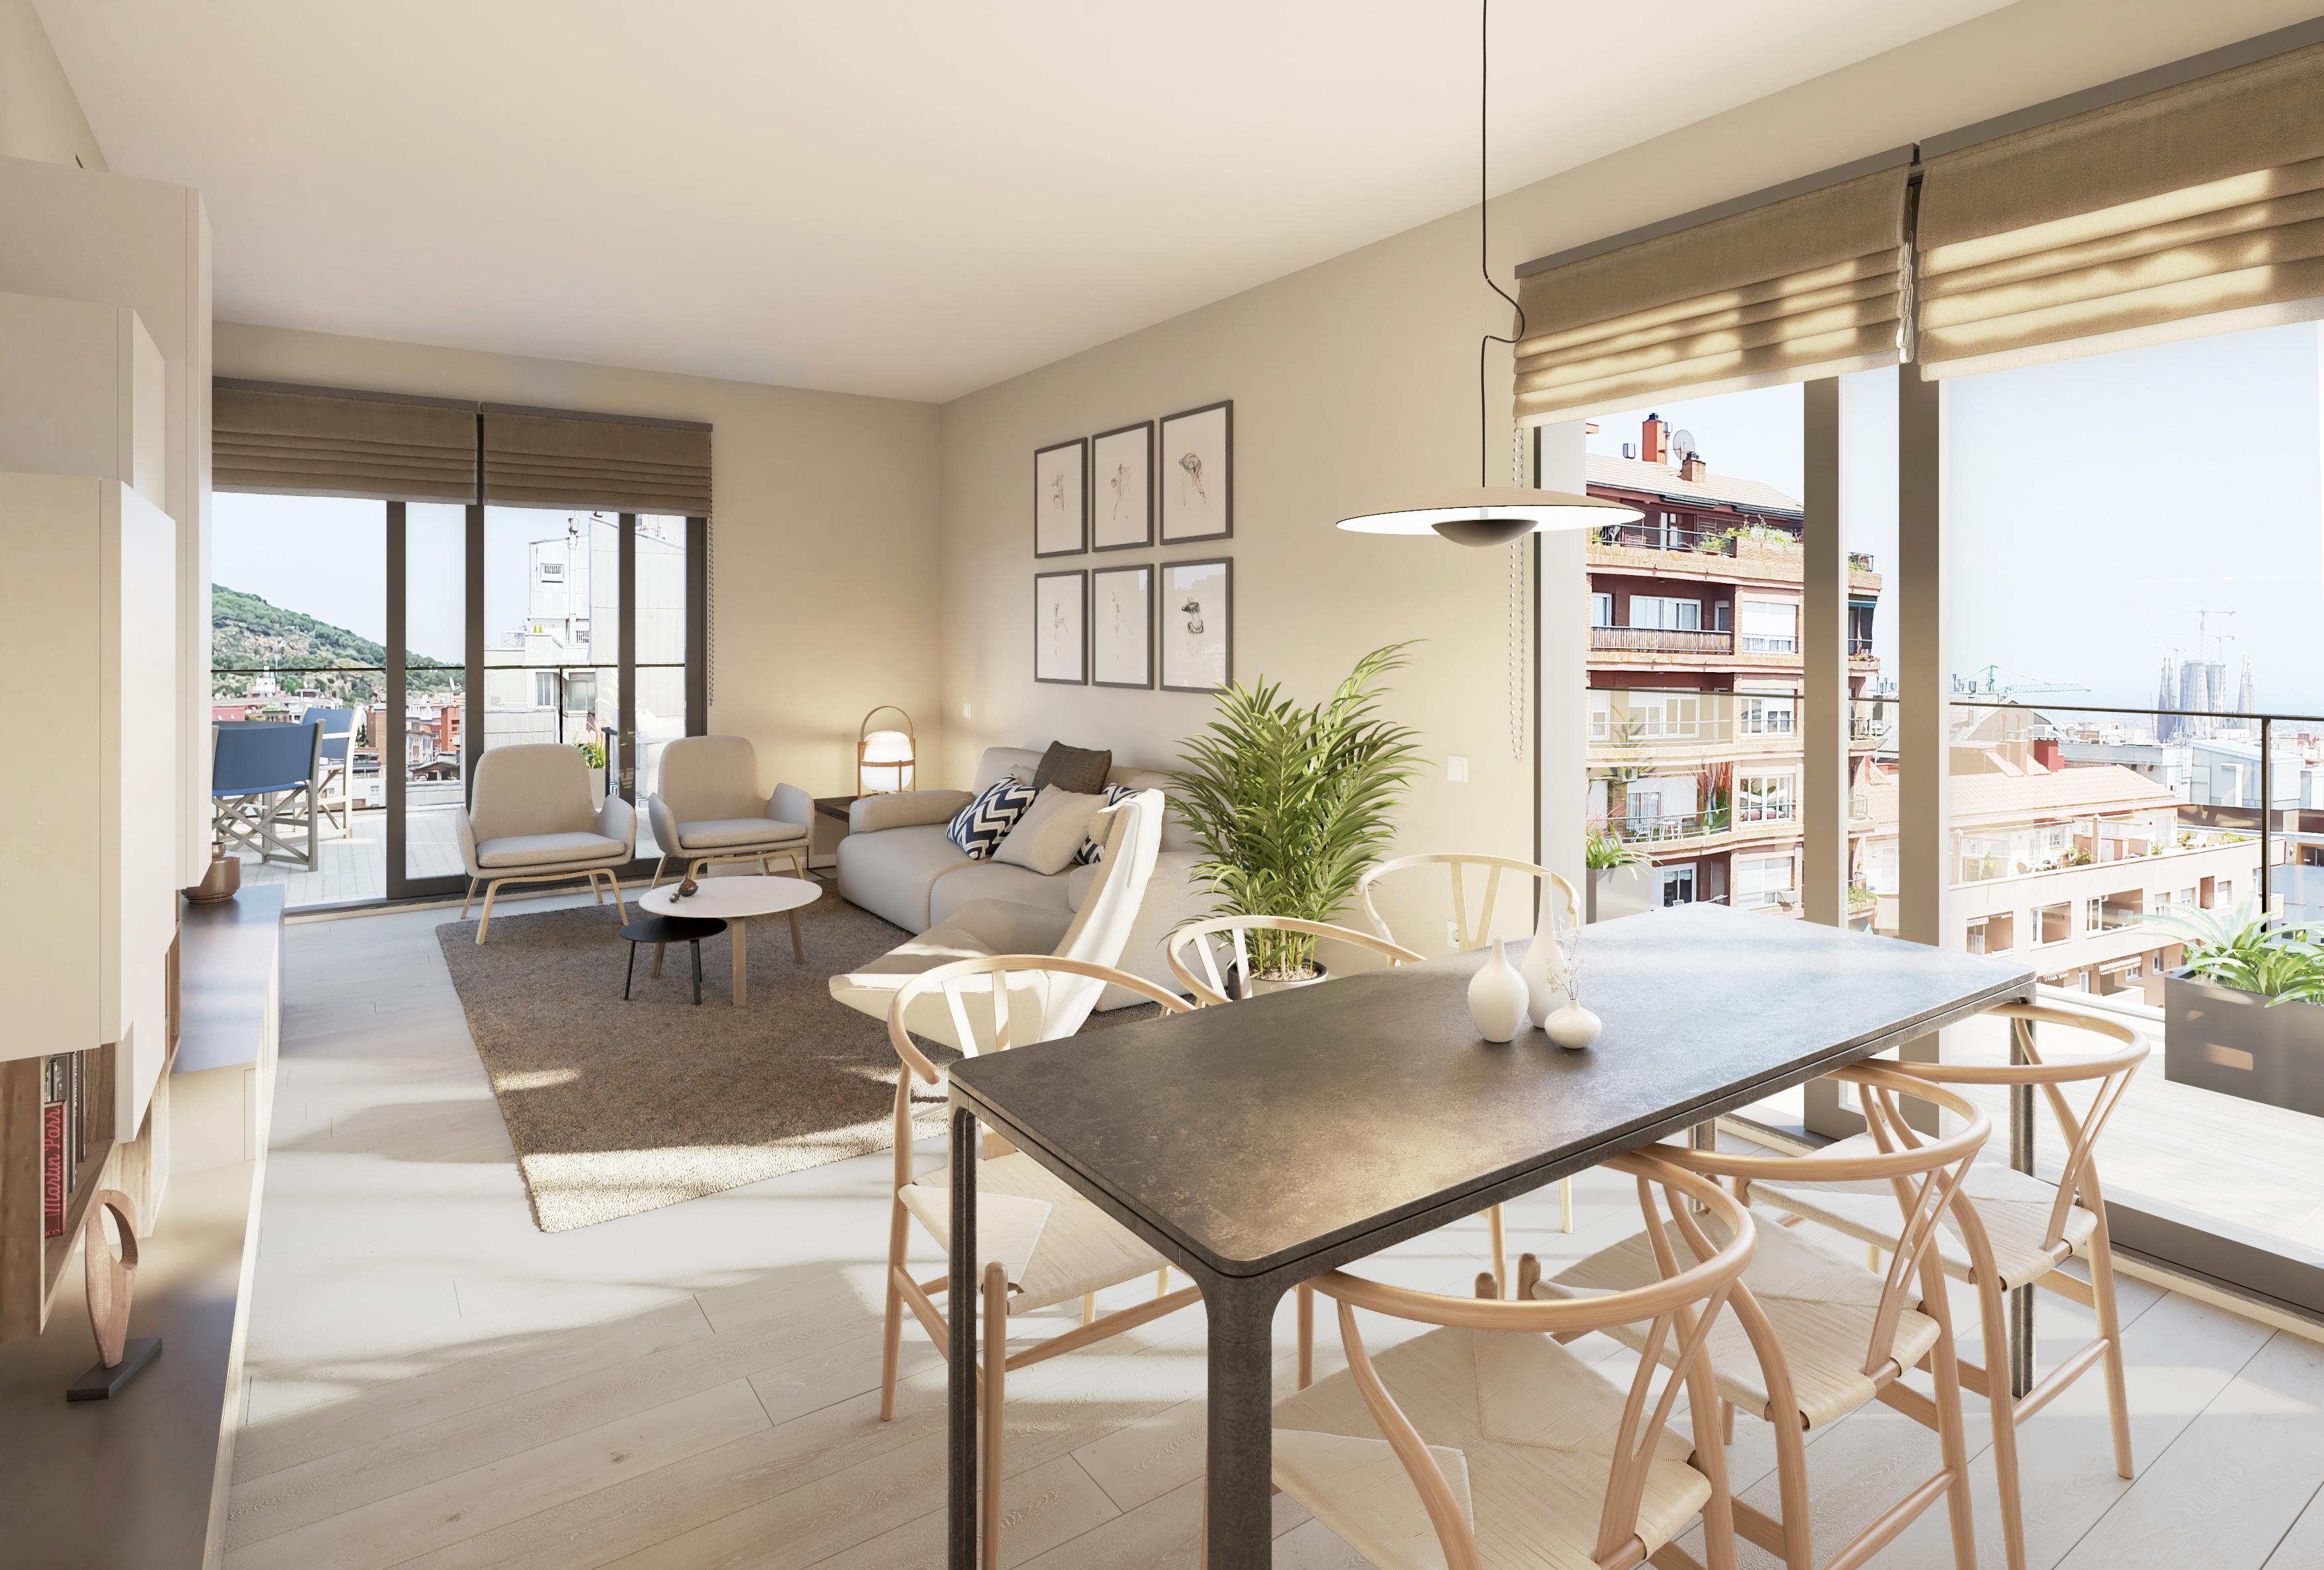 La innovación tecnológica y la sostenibilidad, elementos esenciales para el inmobiliario en la nueva economía